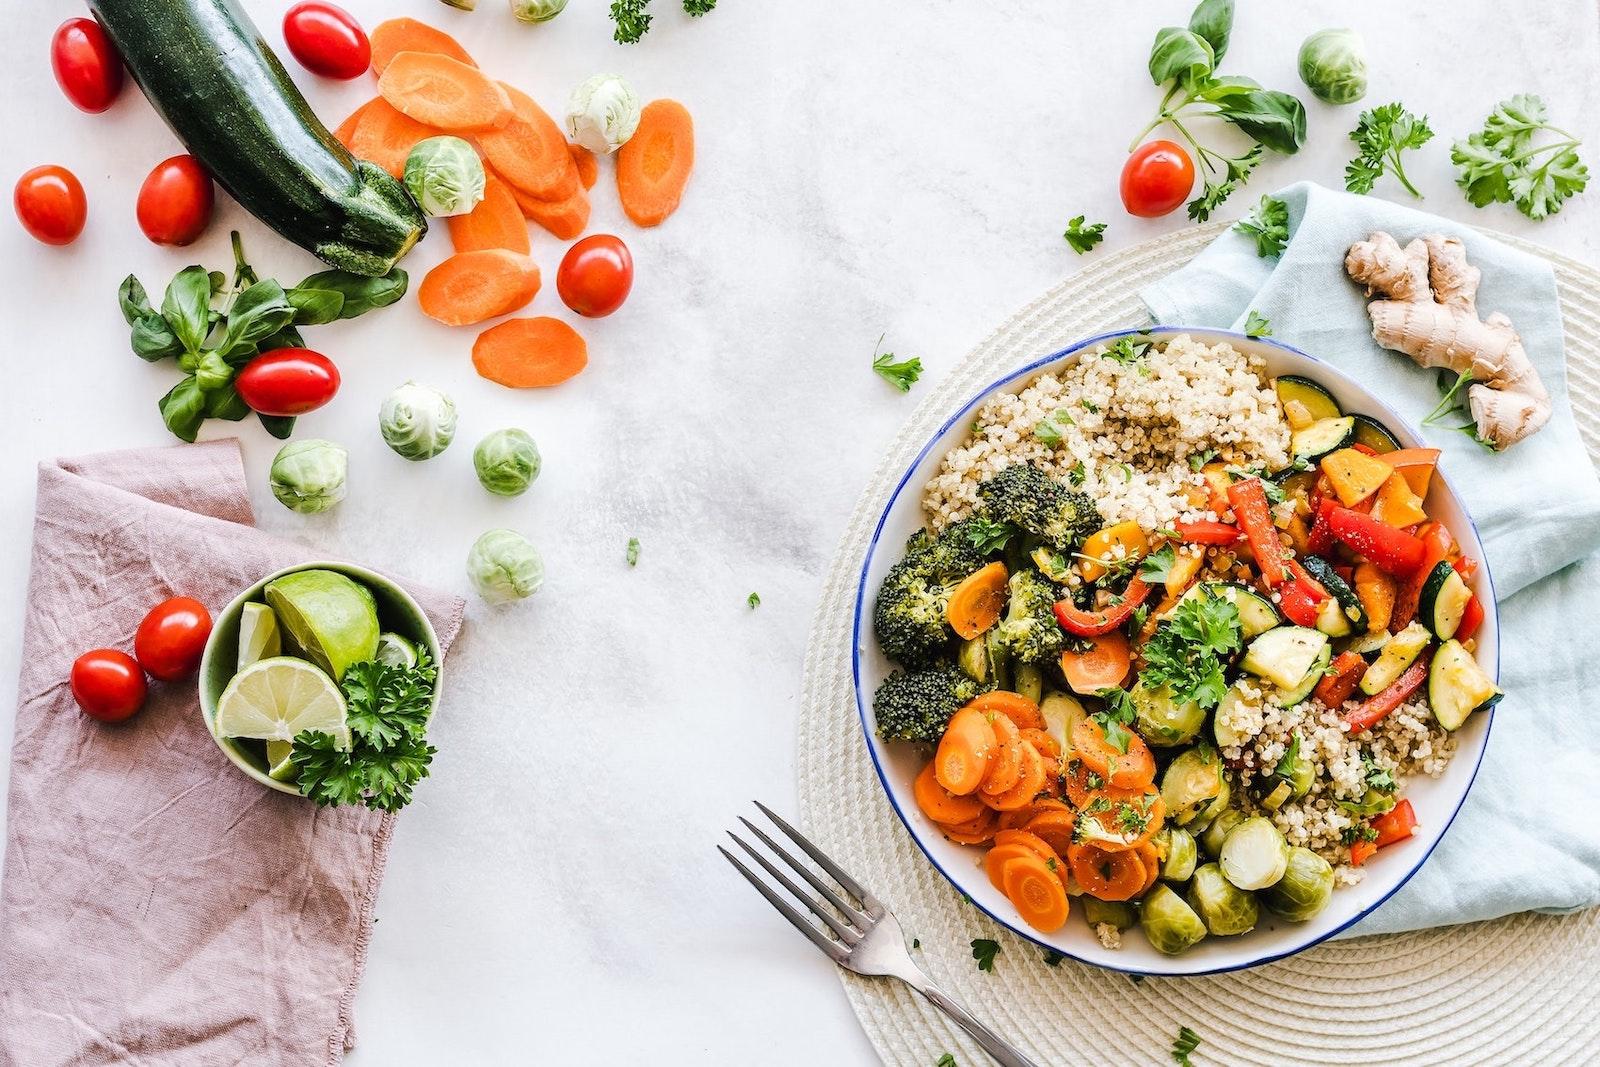 Programme de recettes saines et healthy OptimÂge pour être en forme